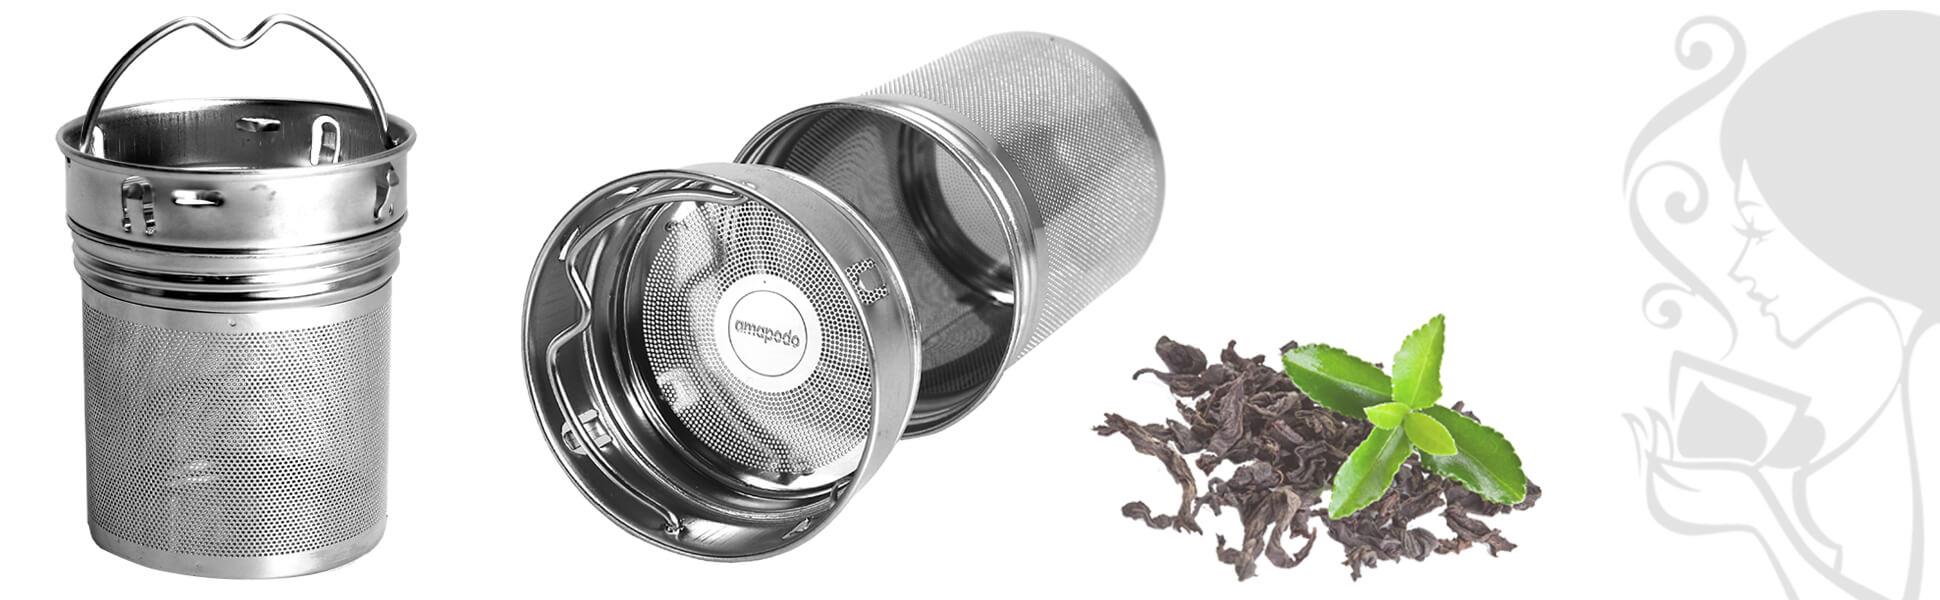 Filtro in metallo per tè